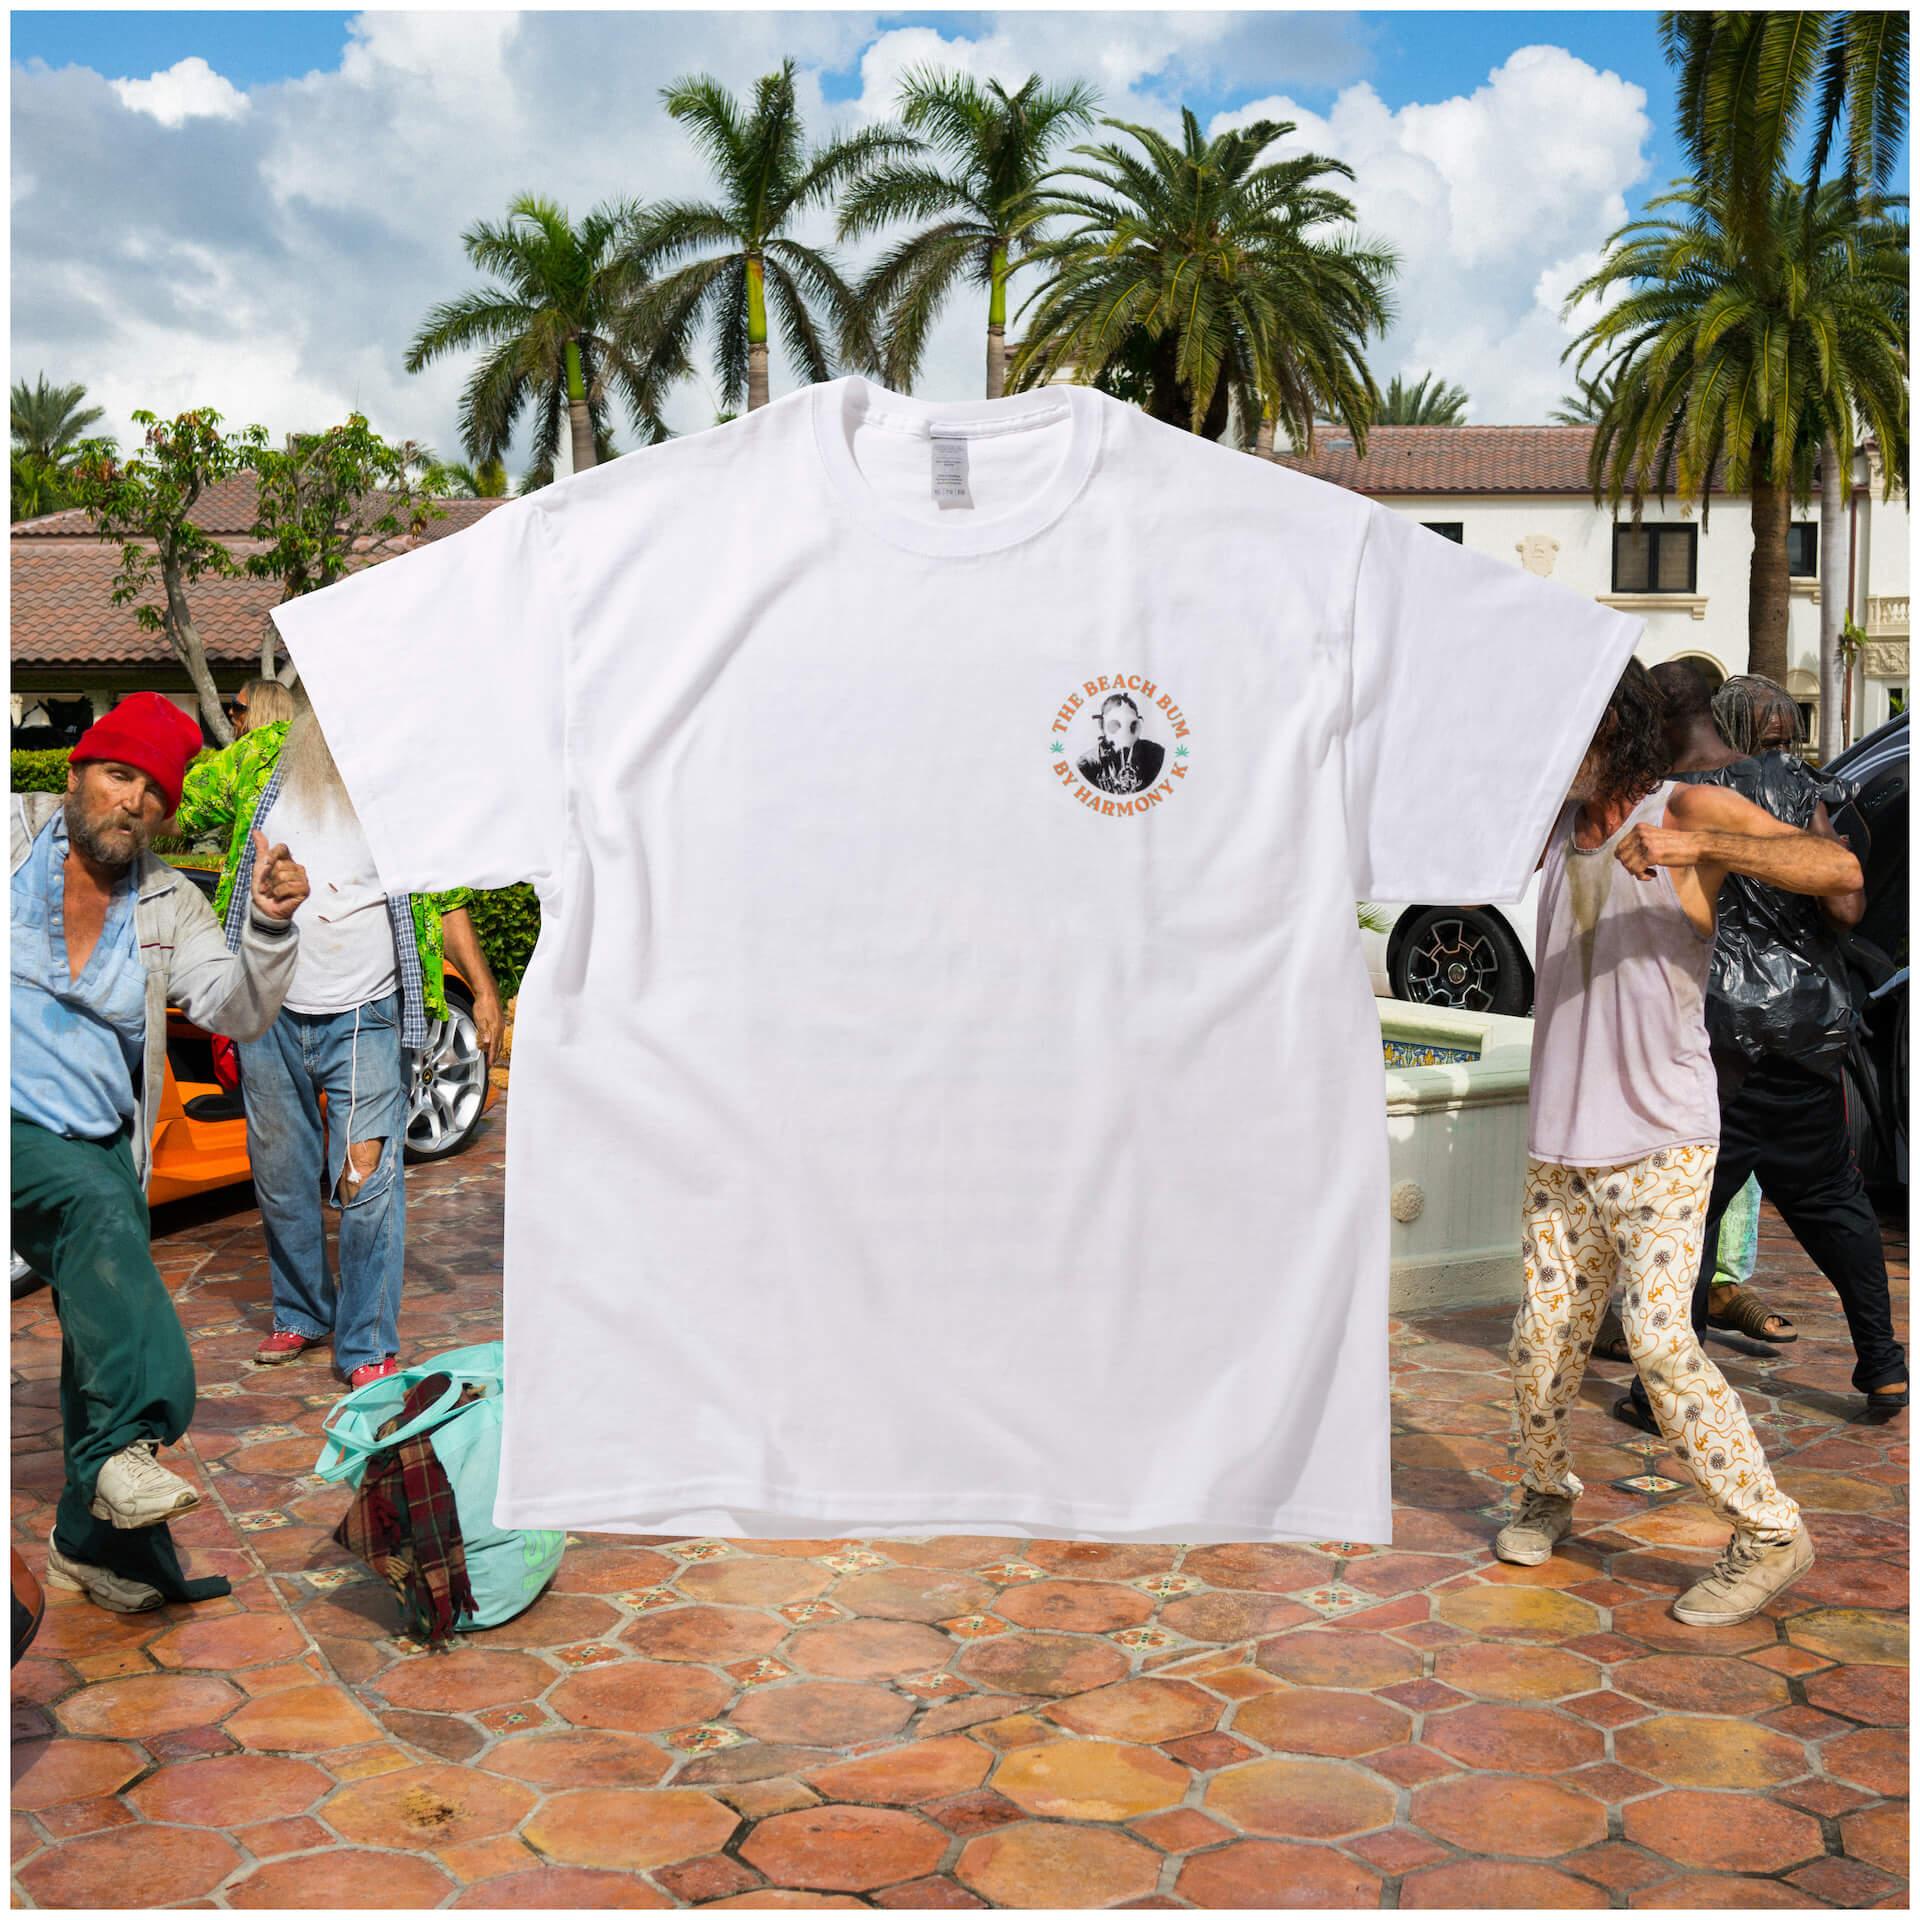 カルチャー紙POPEYEも熱狂!映画『ビーチ・バム まじめに不真面目』オリジナルTシャツが制作&発売決定 film210416_beachbum_tshirt_6